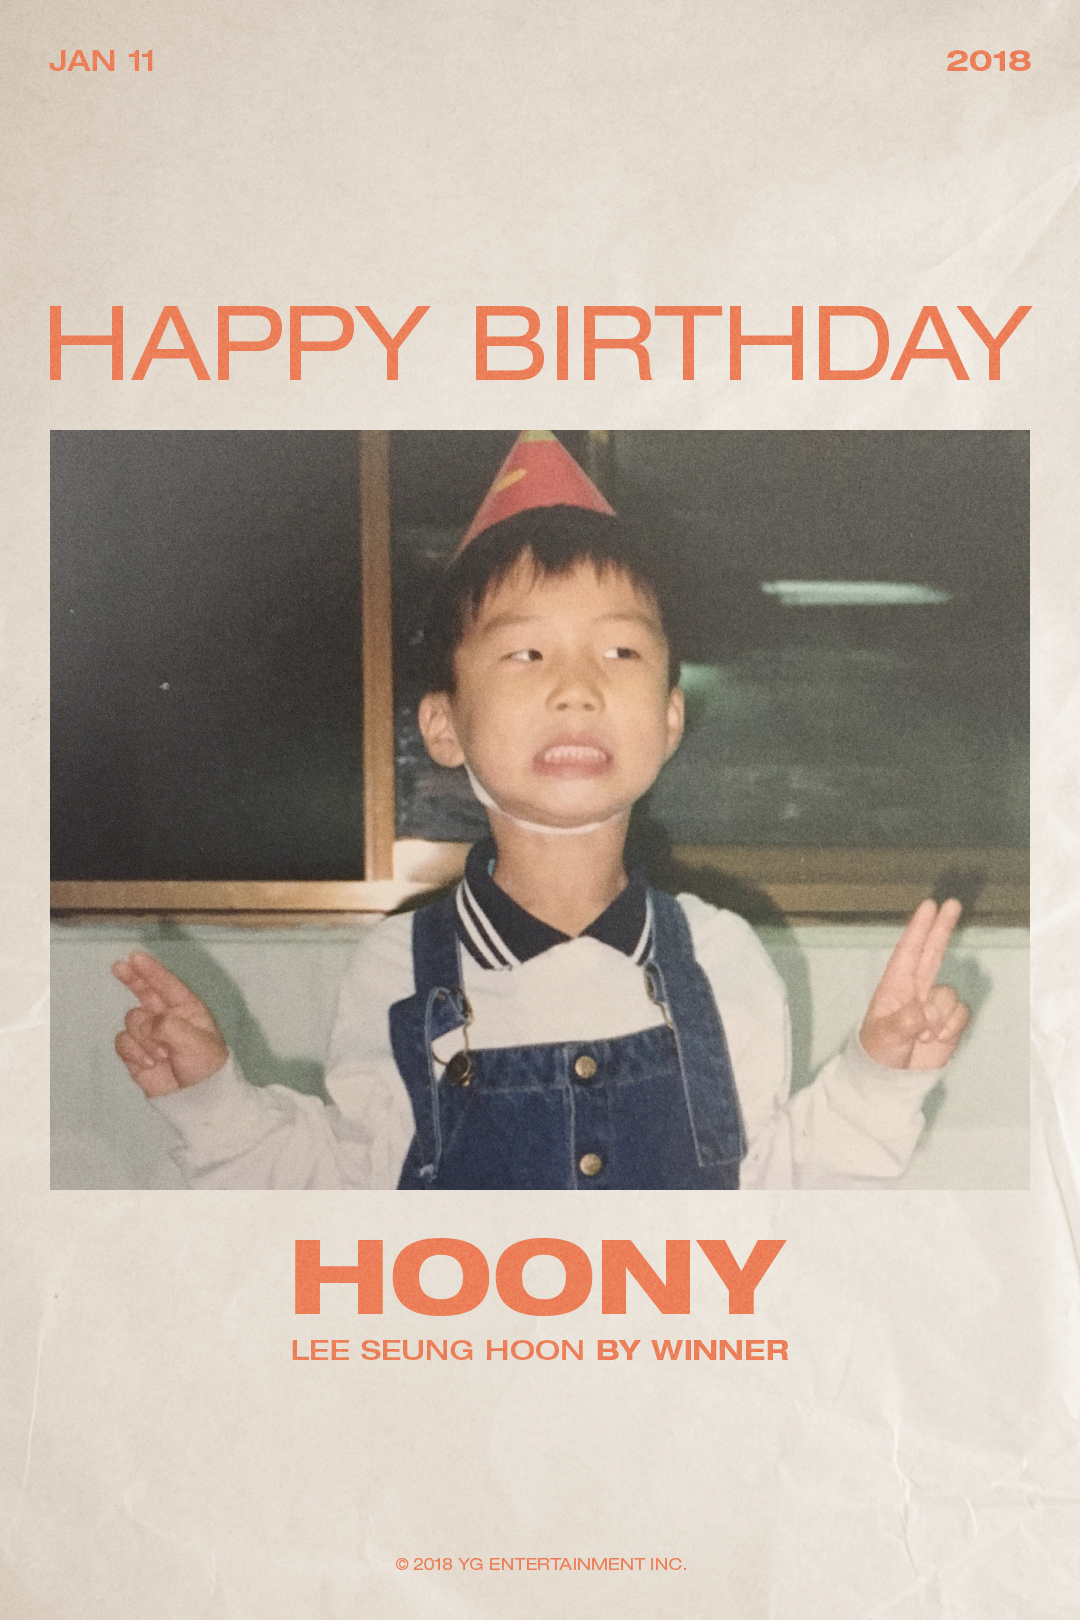 """YG, 위너 이승훈 생일 축하! """"HAPPY BIRTHDAY HOONY"""""""